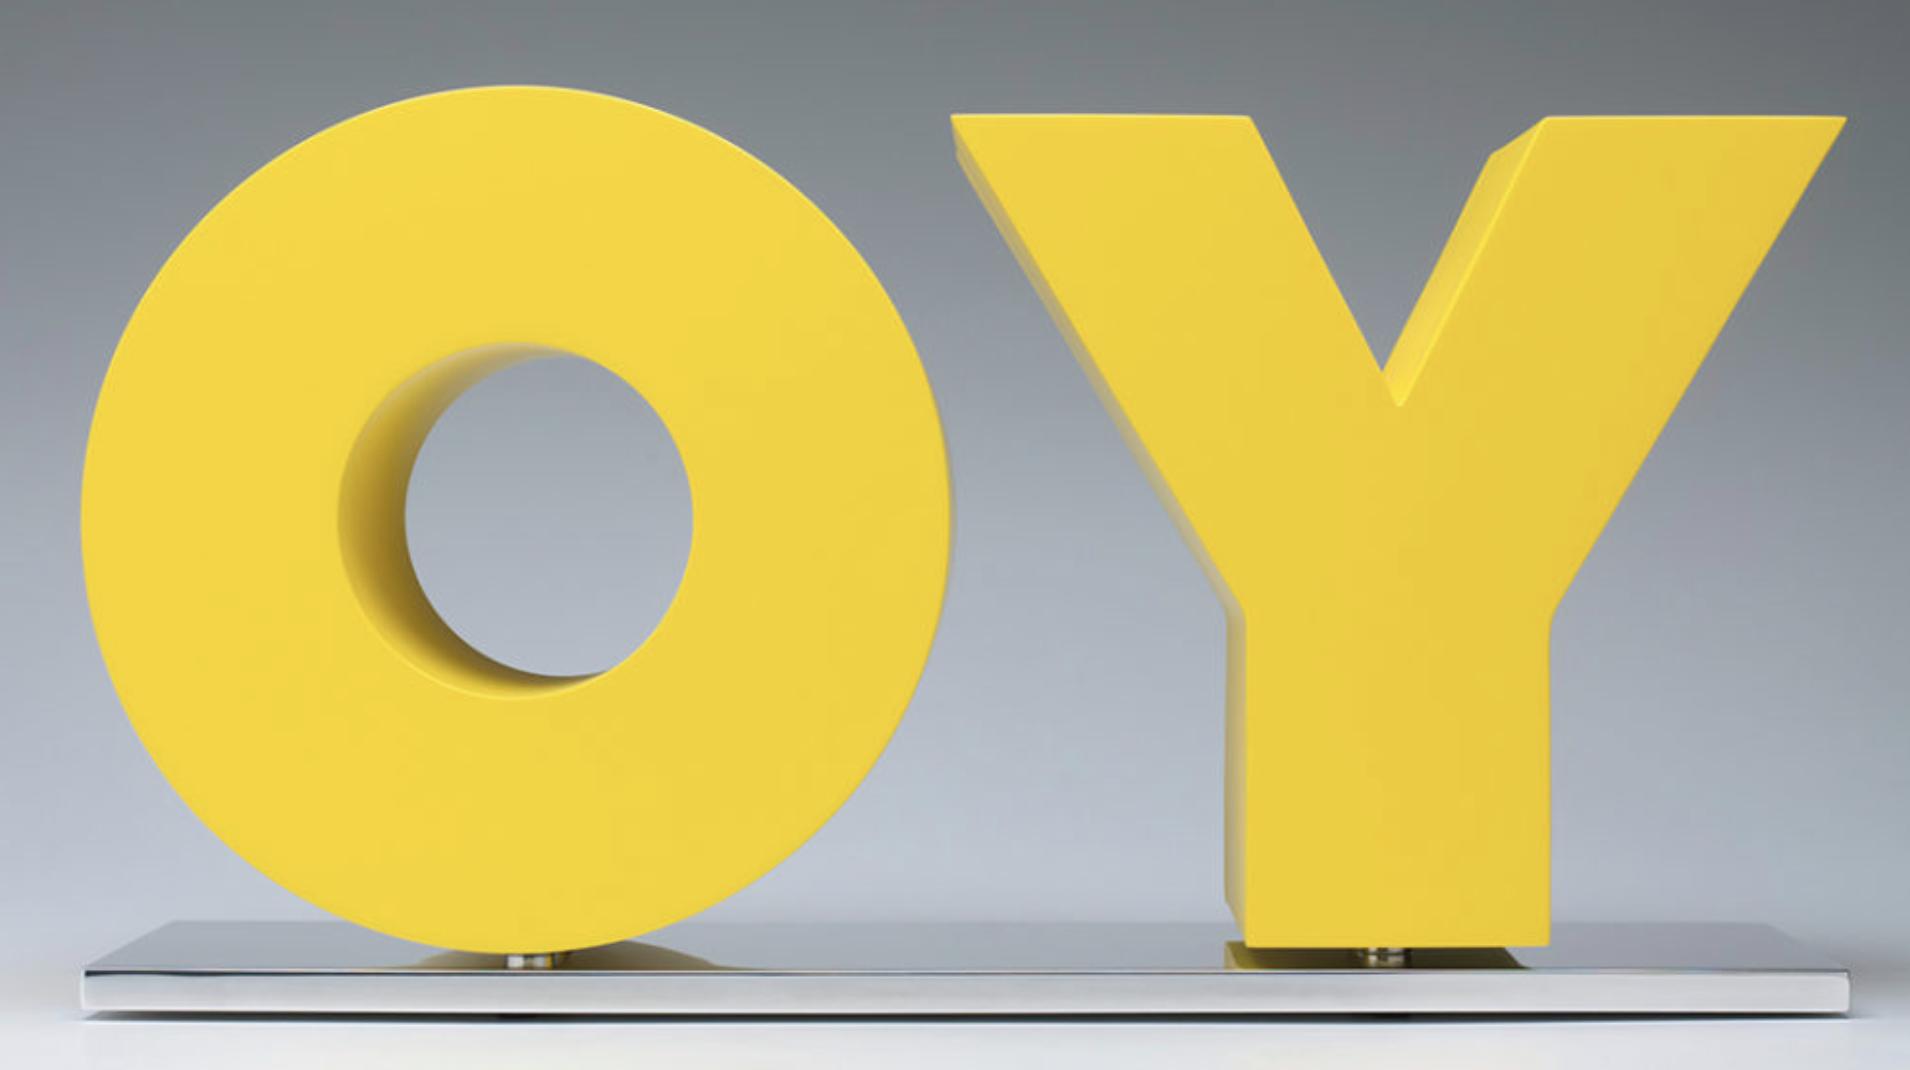 Deborah Kass,  OY/YO,  2011, painted aluminum on polished aluminum base, 10 1/2 x 20 x 6 inches